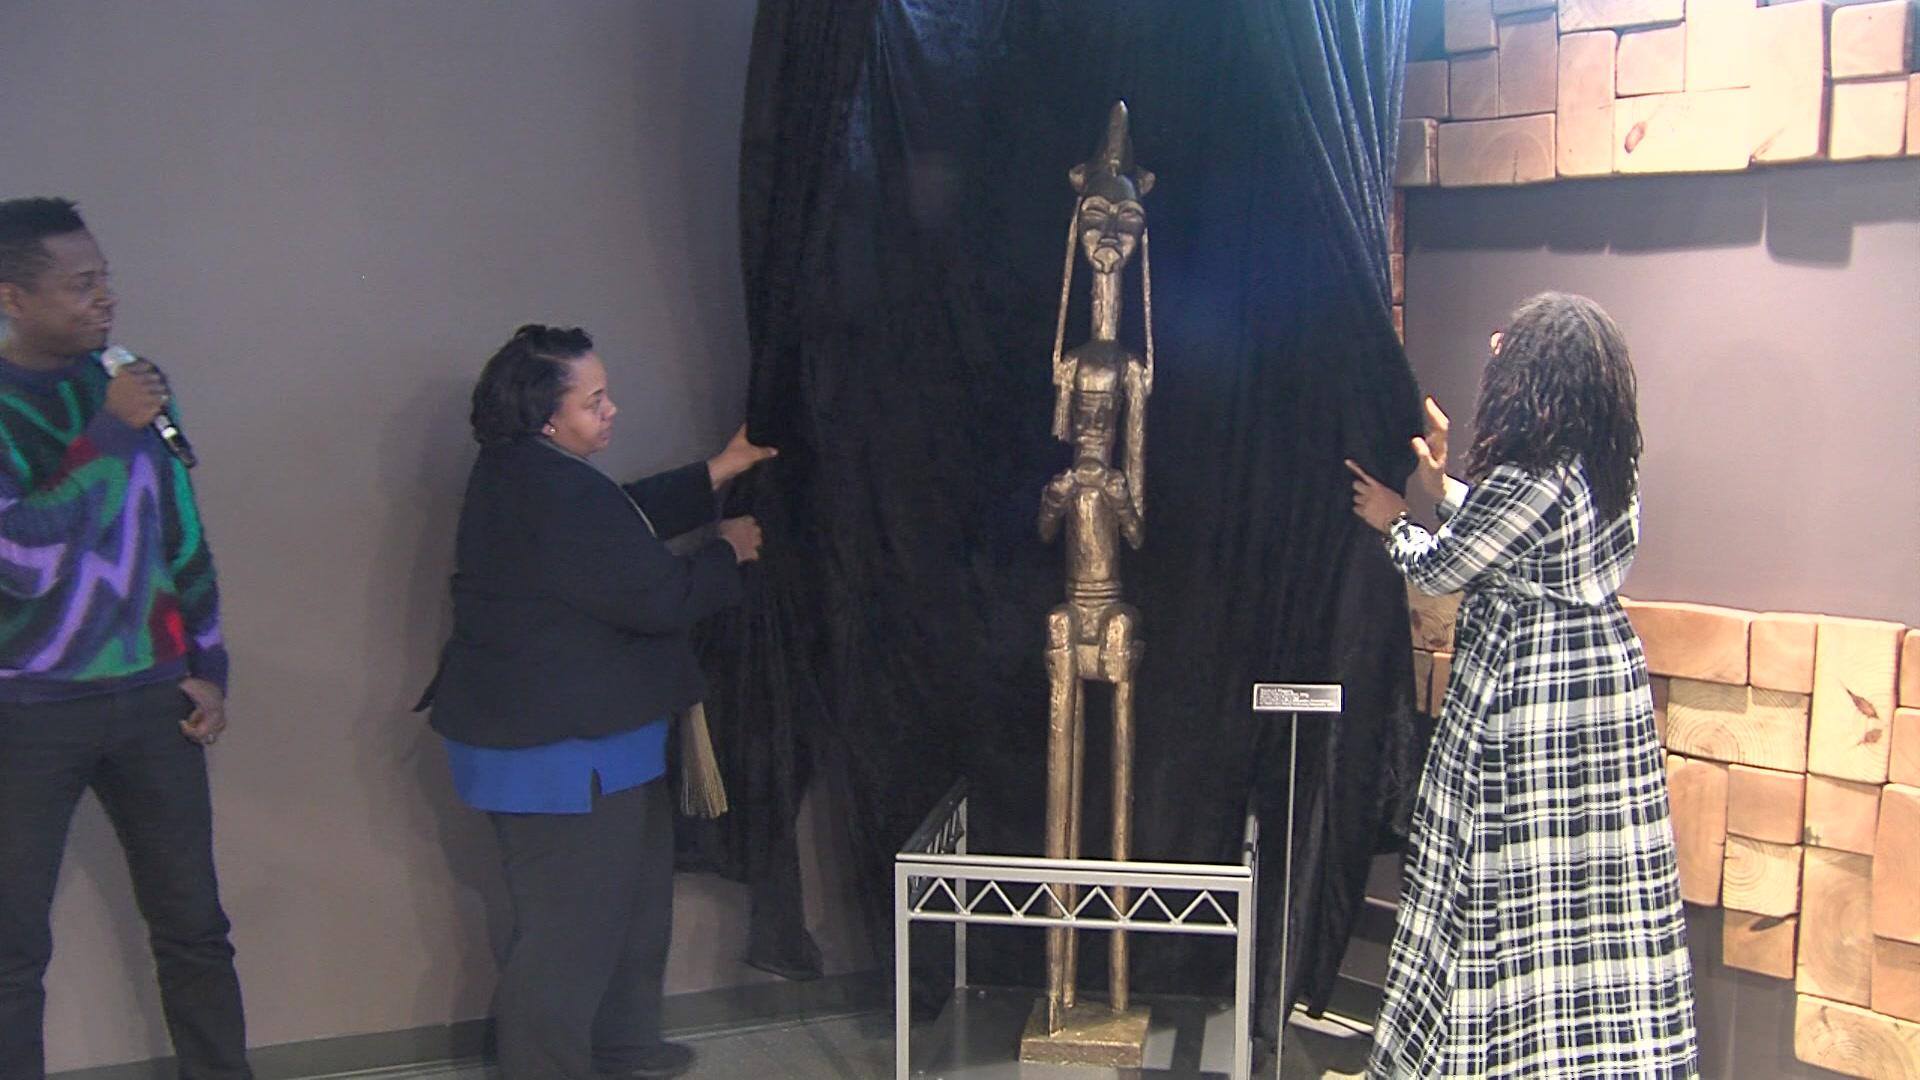 America's Black Holocaust Museum unveils new sculpture